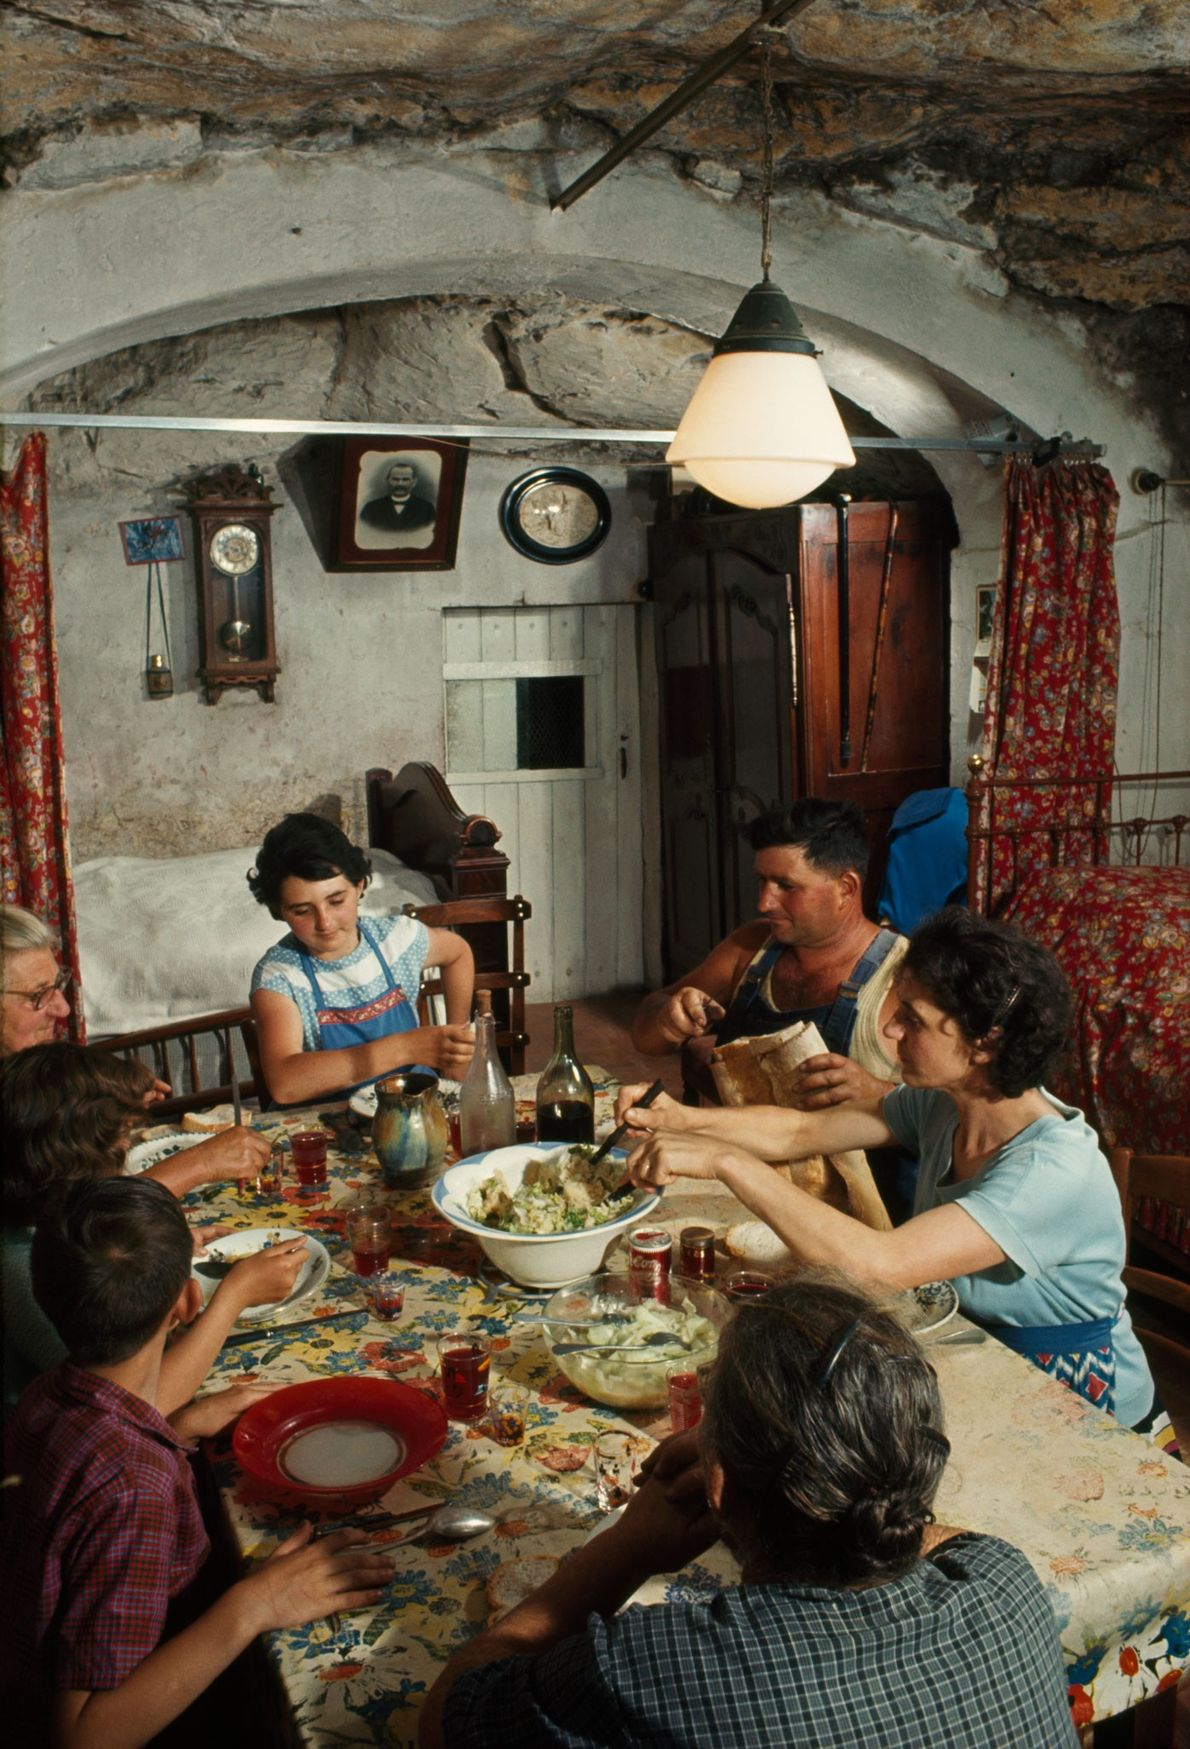 Uma família almoça em sua casa na caverna na região do Loire, na França.